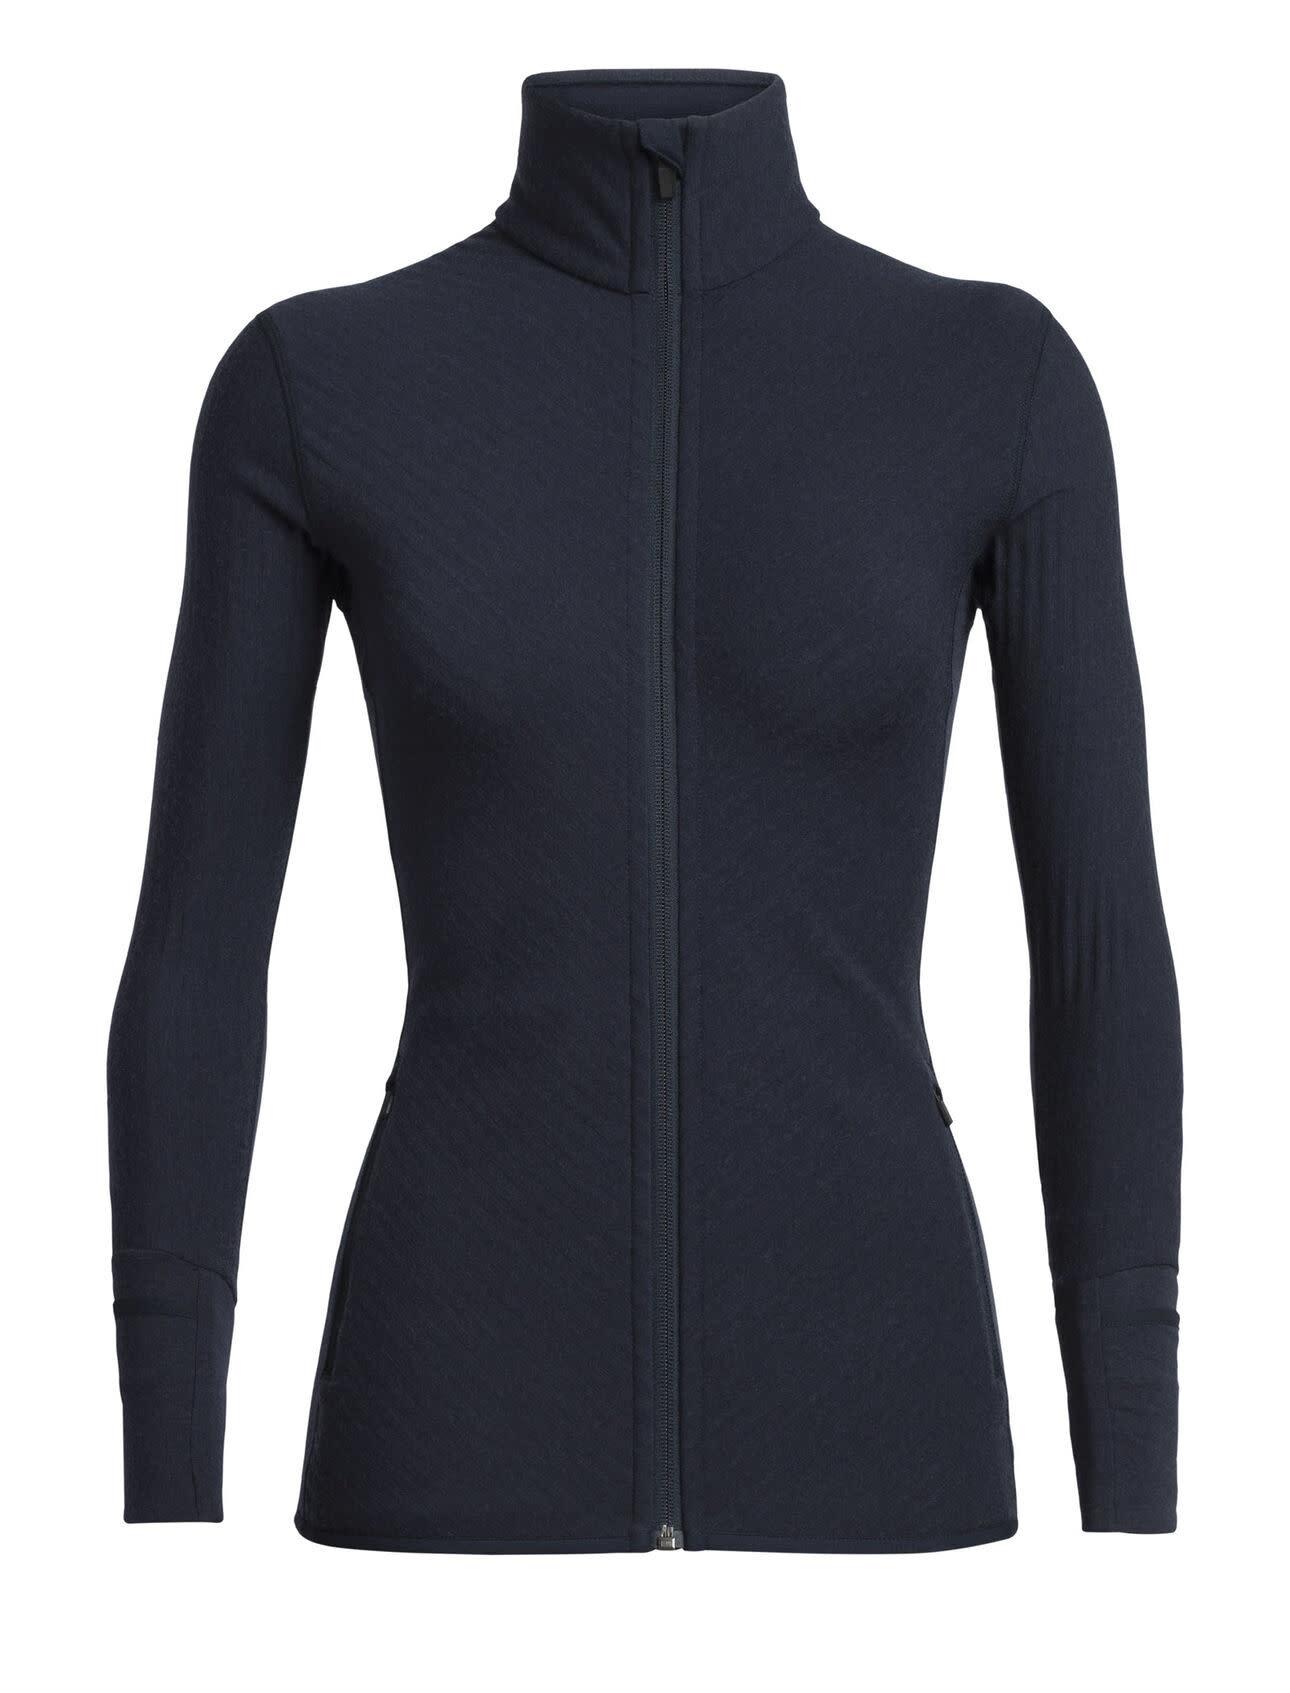 Women's Realfleece®  Descender Long Sleeve Zip-2